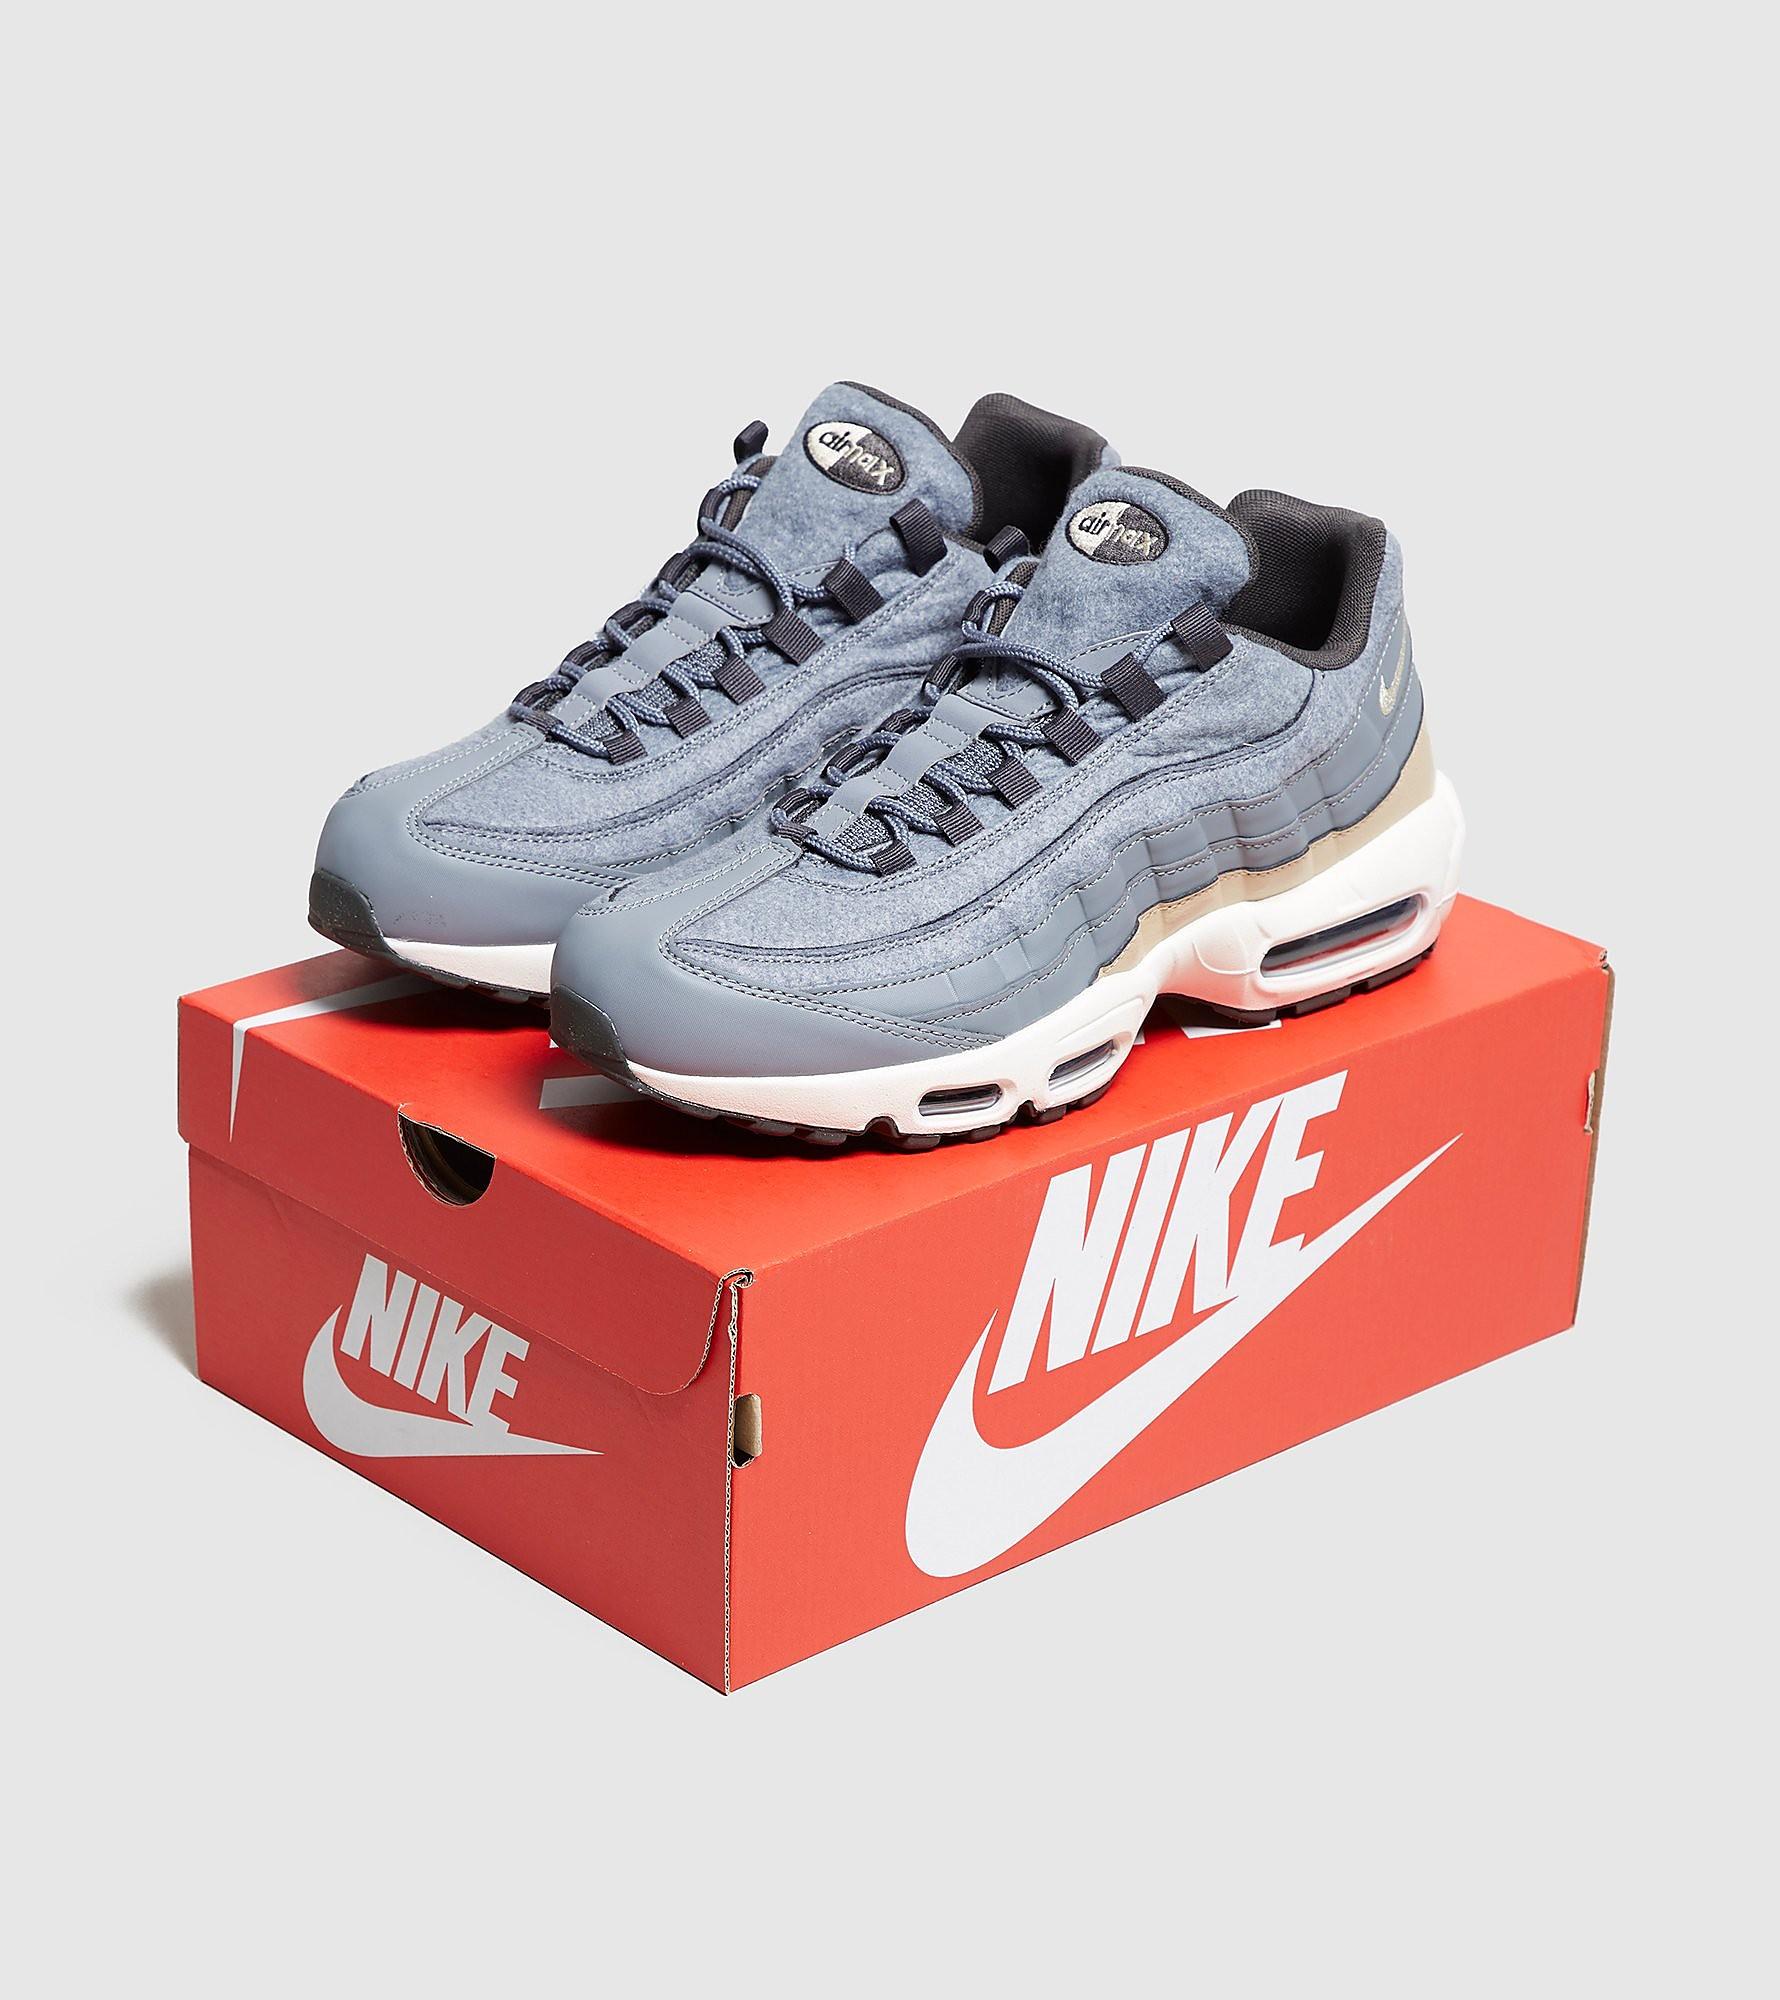 Nike Air Max 95 Premium Wool